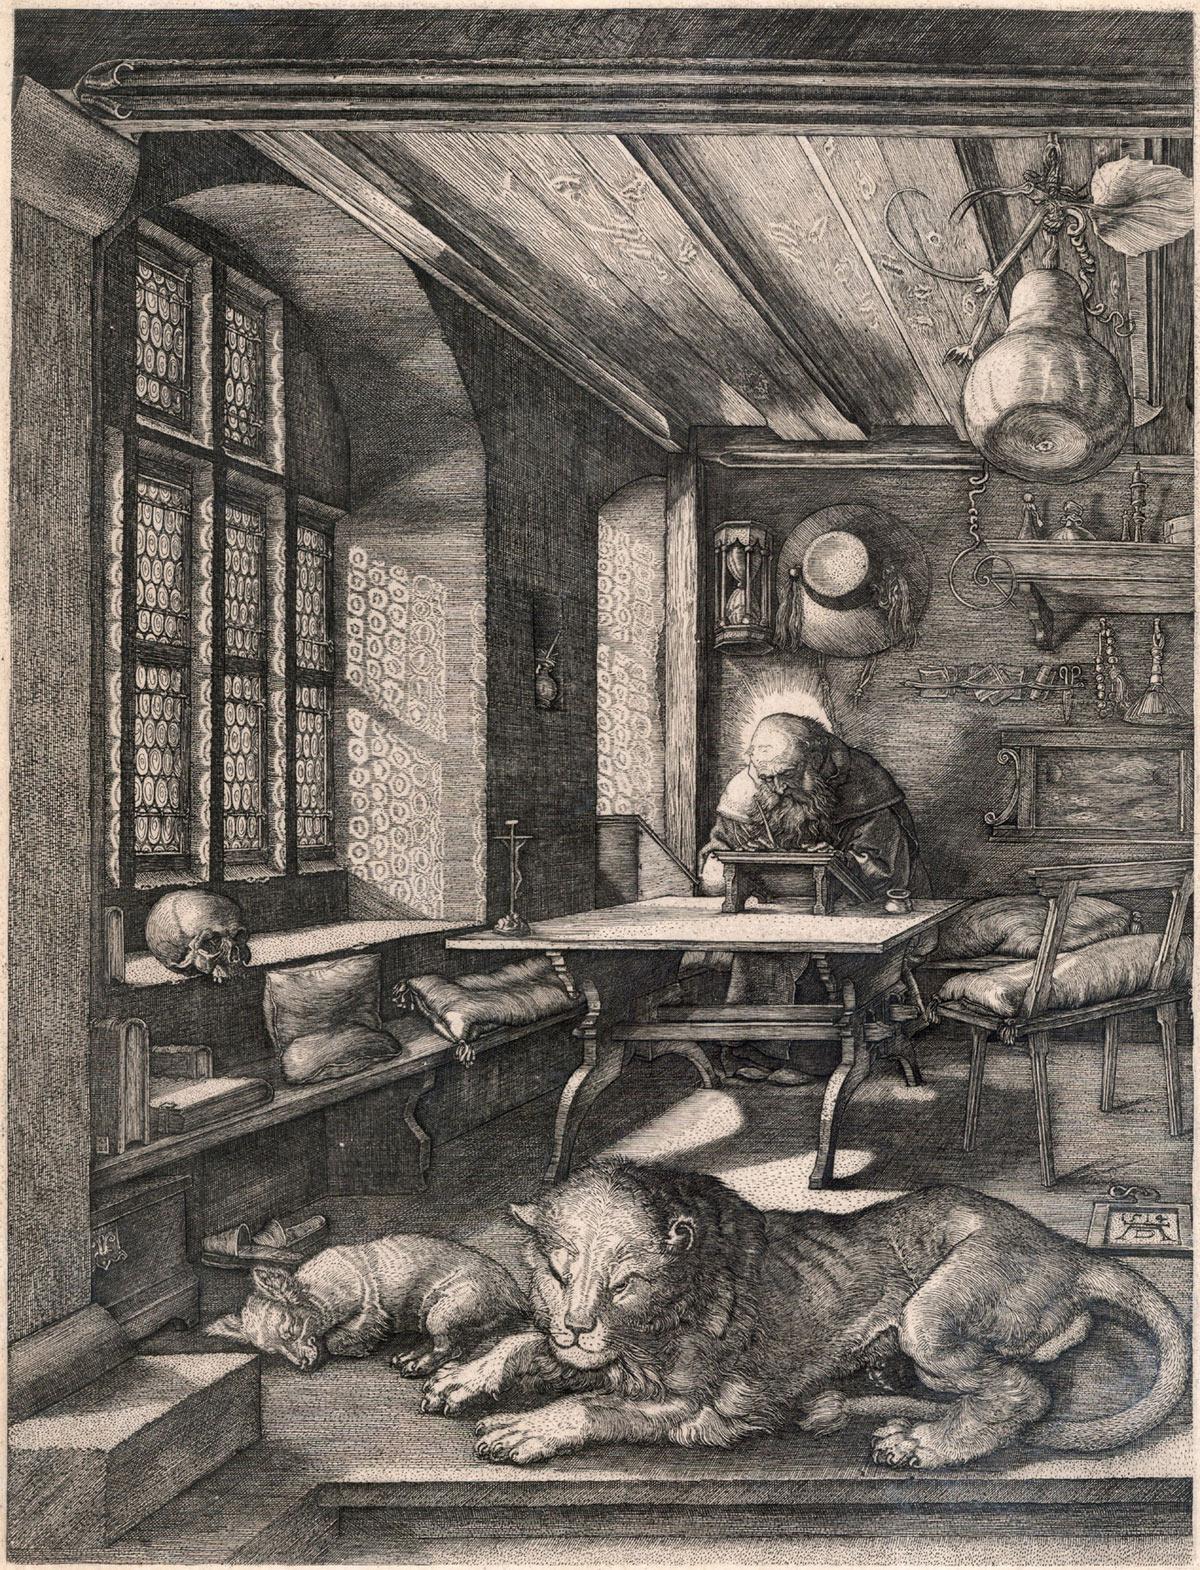 Albrecht Dürer, San Girolamo nello studio (1511; xilografia,  235 x 160 mm, esemplare con piccoli margini; esemplare di unico stato, con caratteristiche simili alla variante E secondo Meder; iscrizioni: data in basso a destra, monogramma AD in basso al centro; Pavia, Musei Civici)